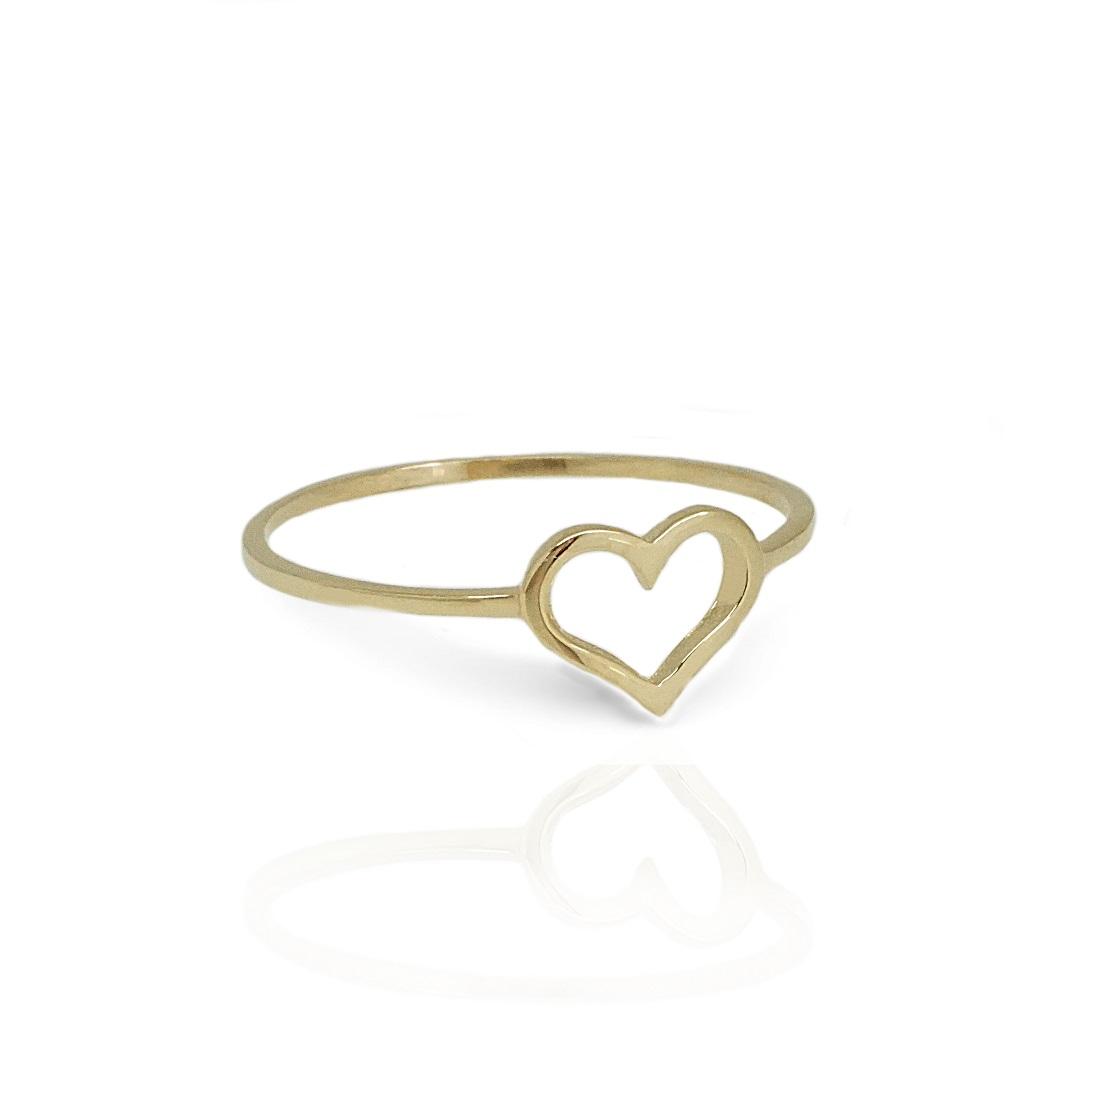 טבעת זהב לב חלול לזרת 14 קרט